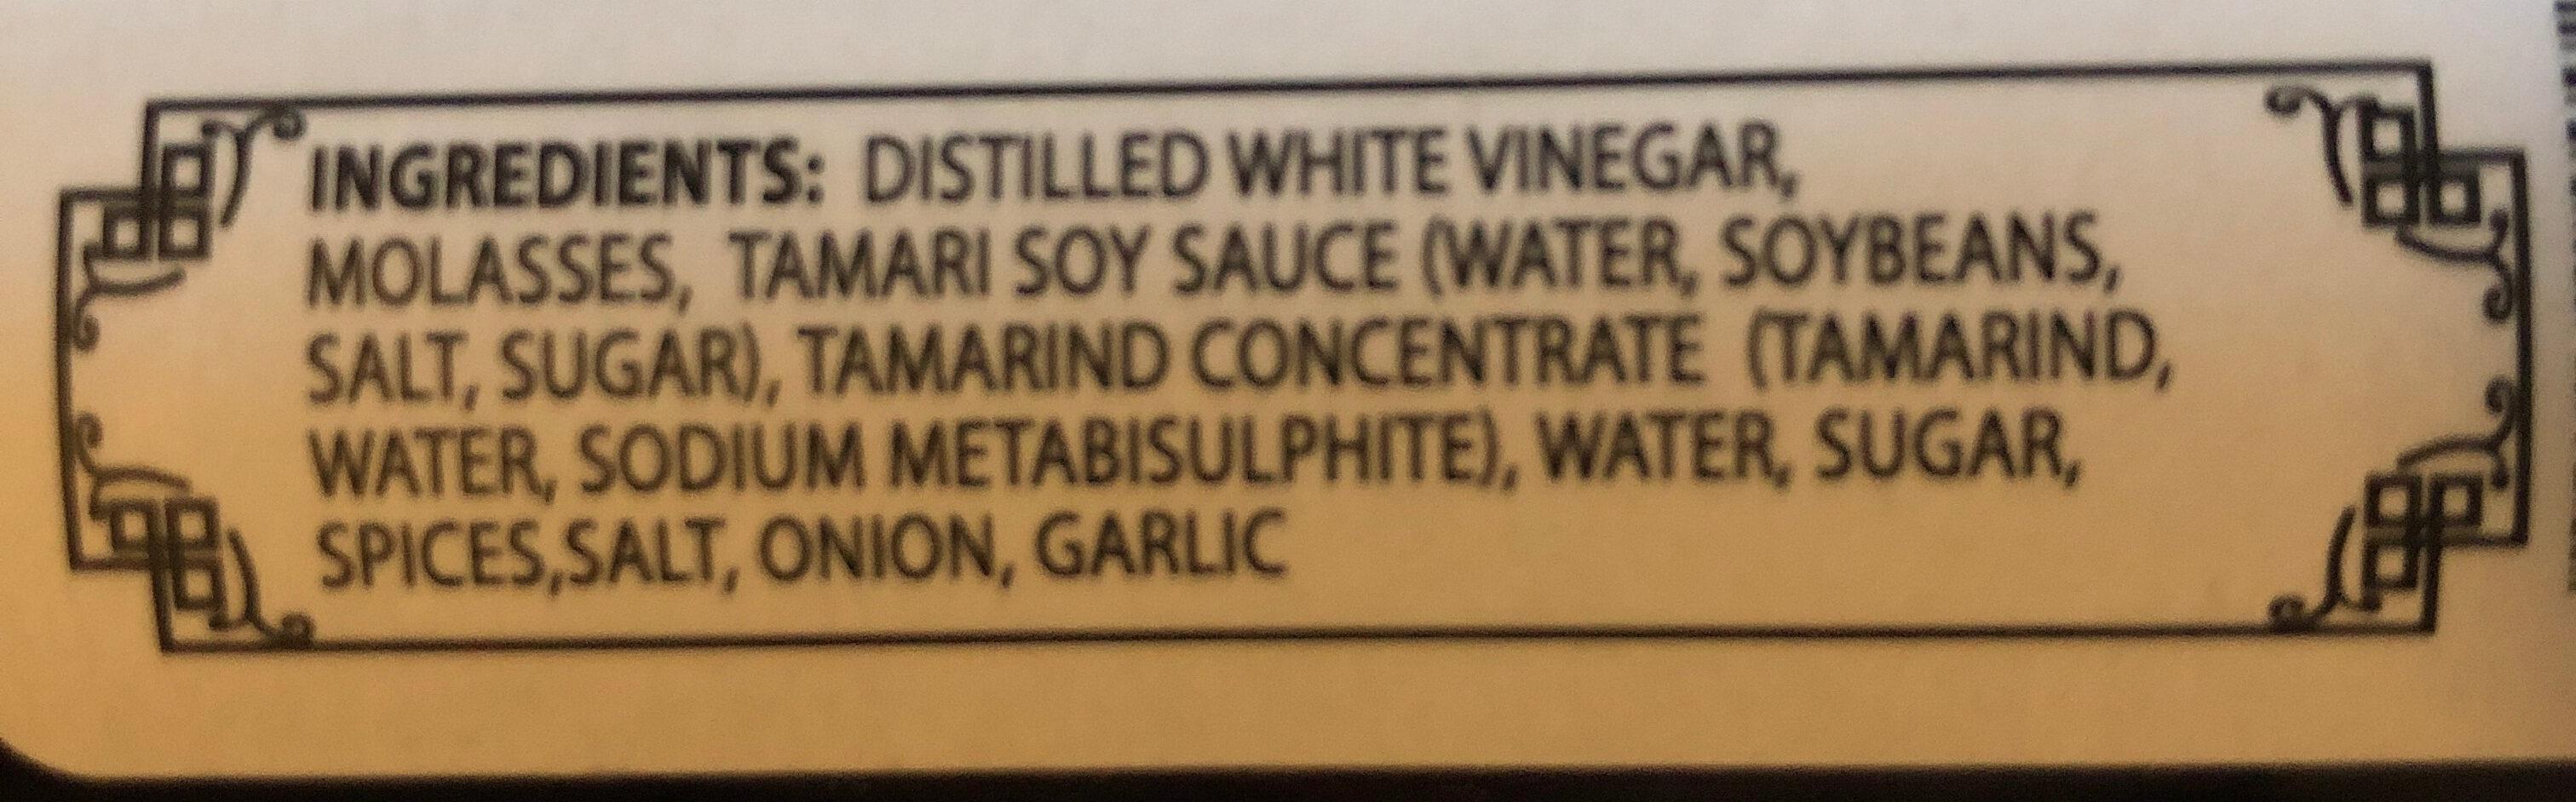 Mr. Callahan's Worcestershire - Ingredients